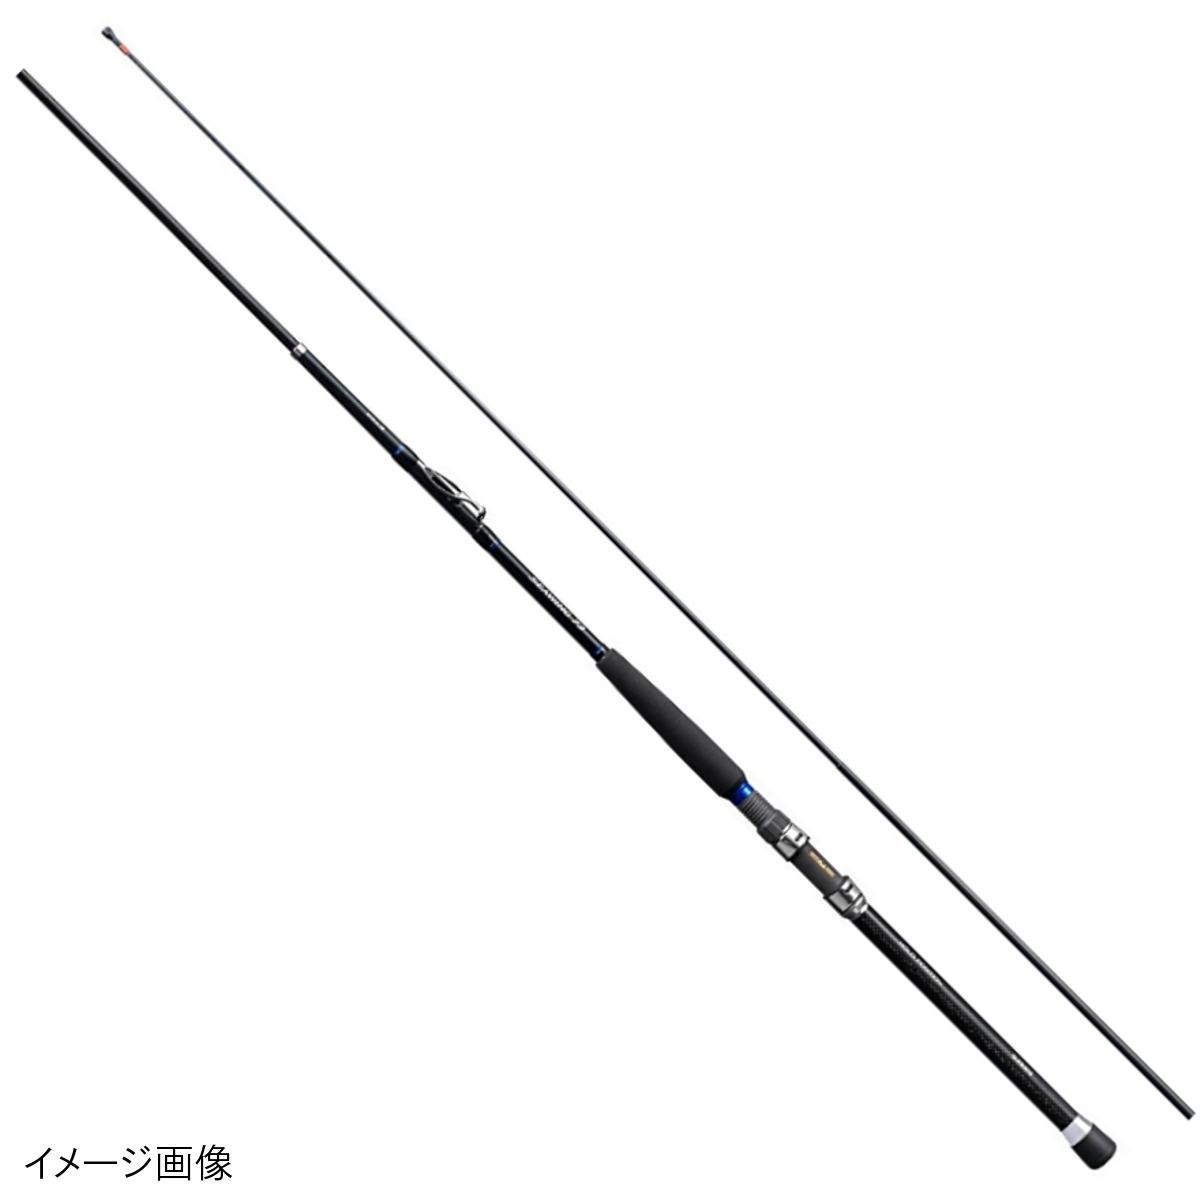 シマノ シーウイング73 30-300T